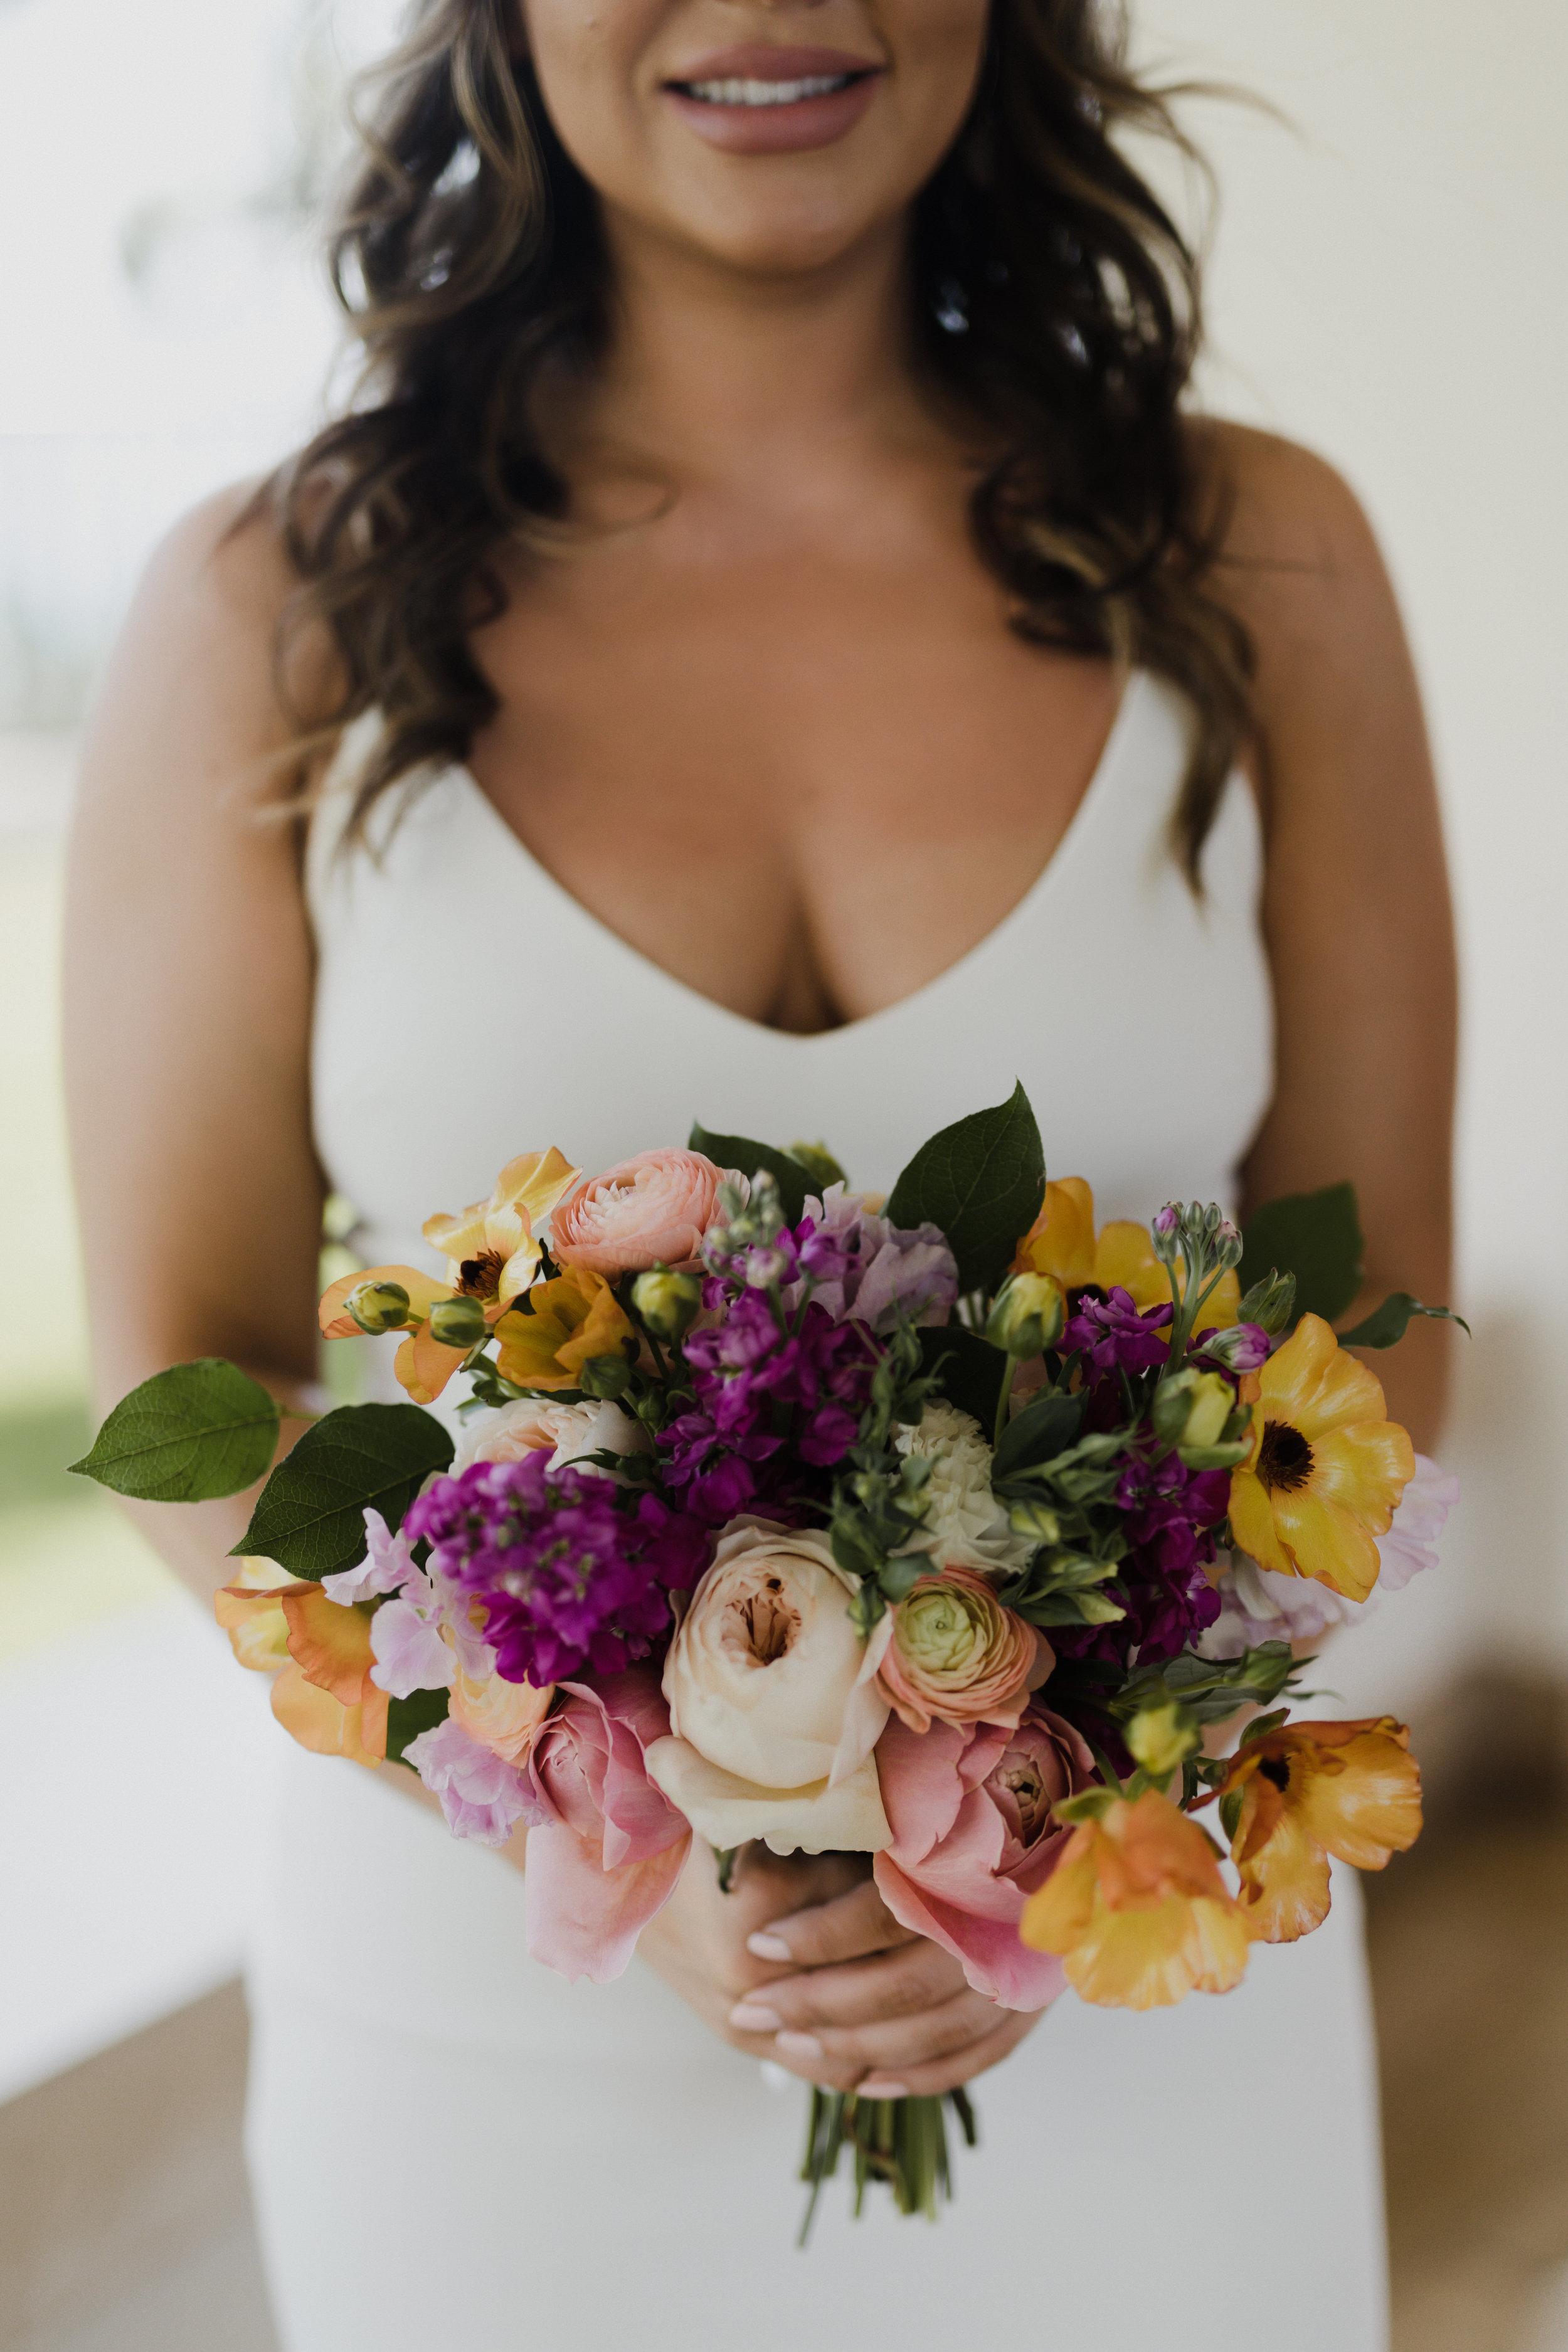 Stephanie-Betsill-Photography-Maui-Photographer-Hawaii-Wedding-Photographer-3021.jpg